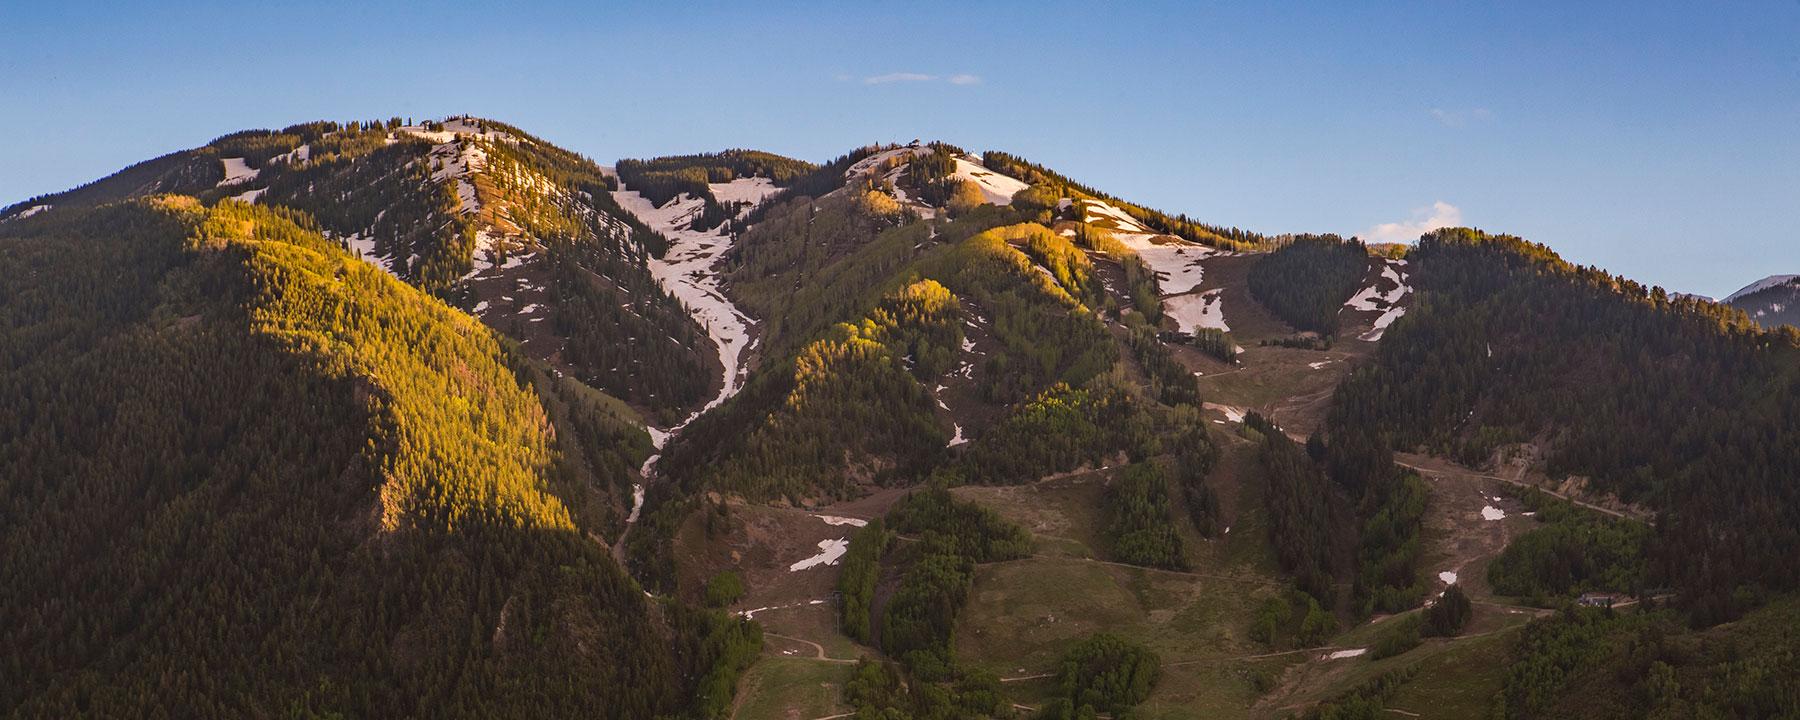 2018-Landing-Page-Aspen-Mountain-Club